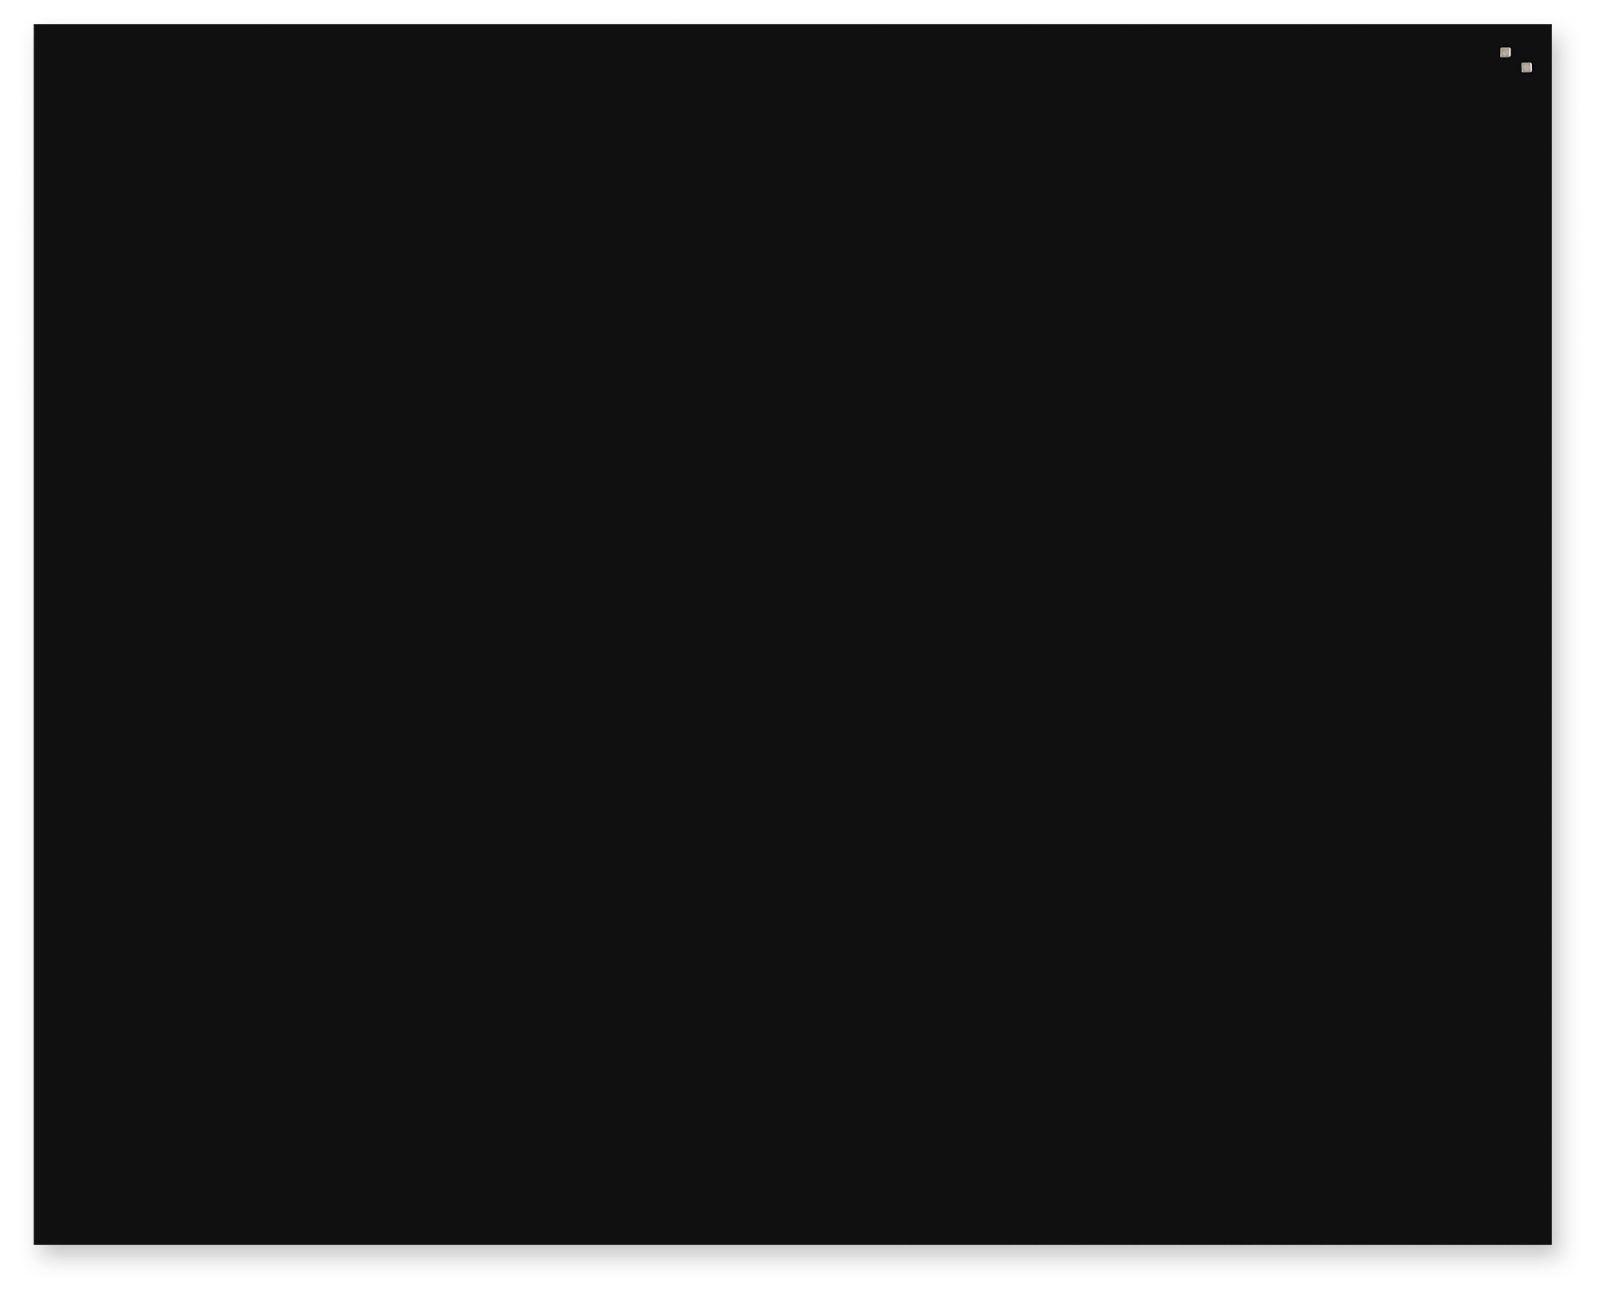 Skleněná magnetická tabule, 120x150 cm, Černá